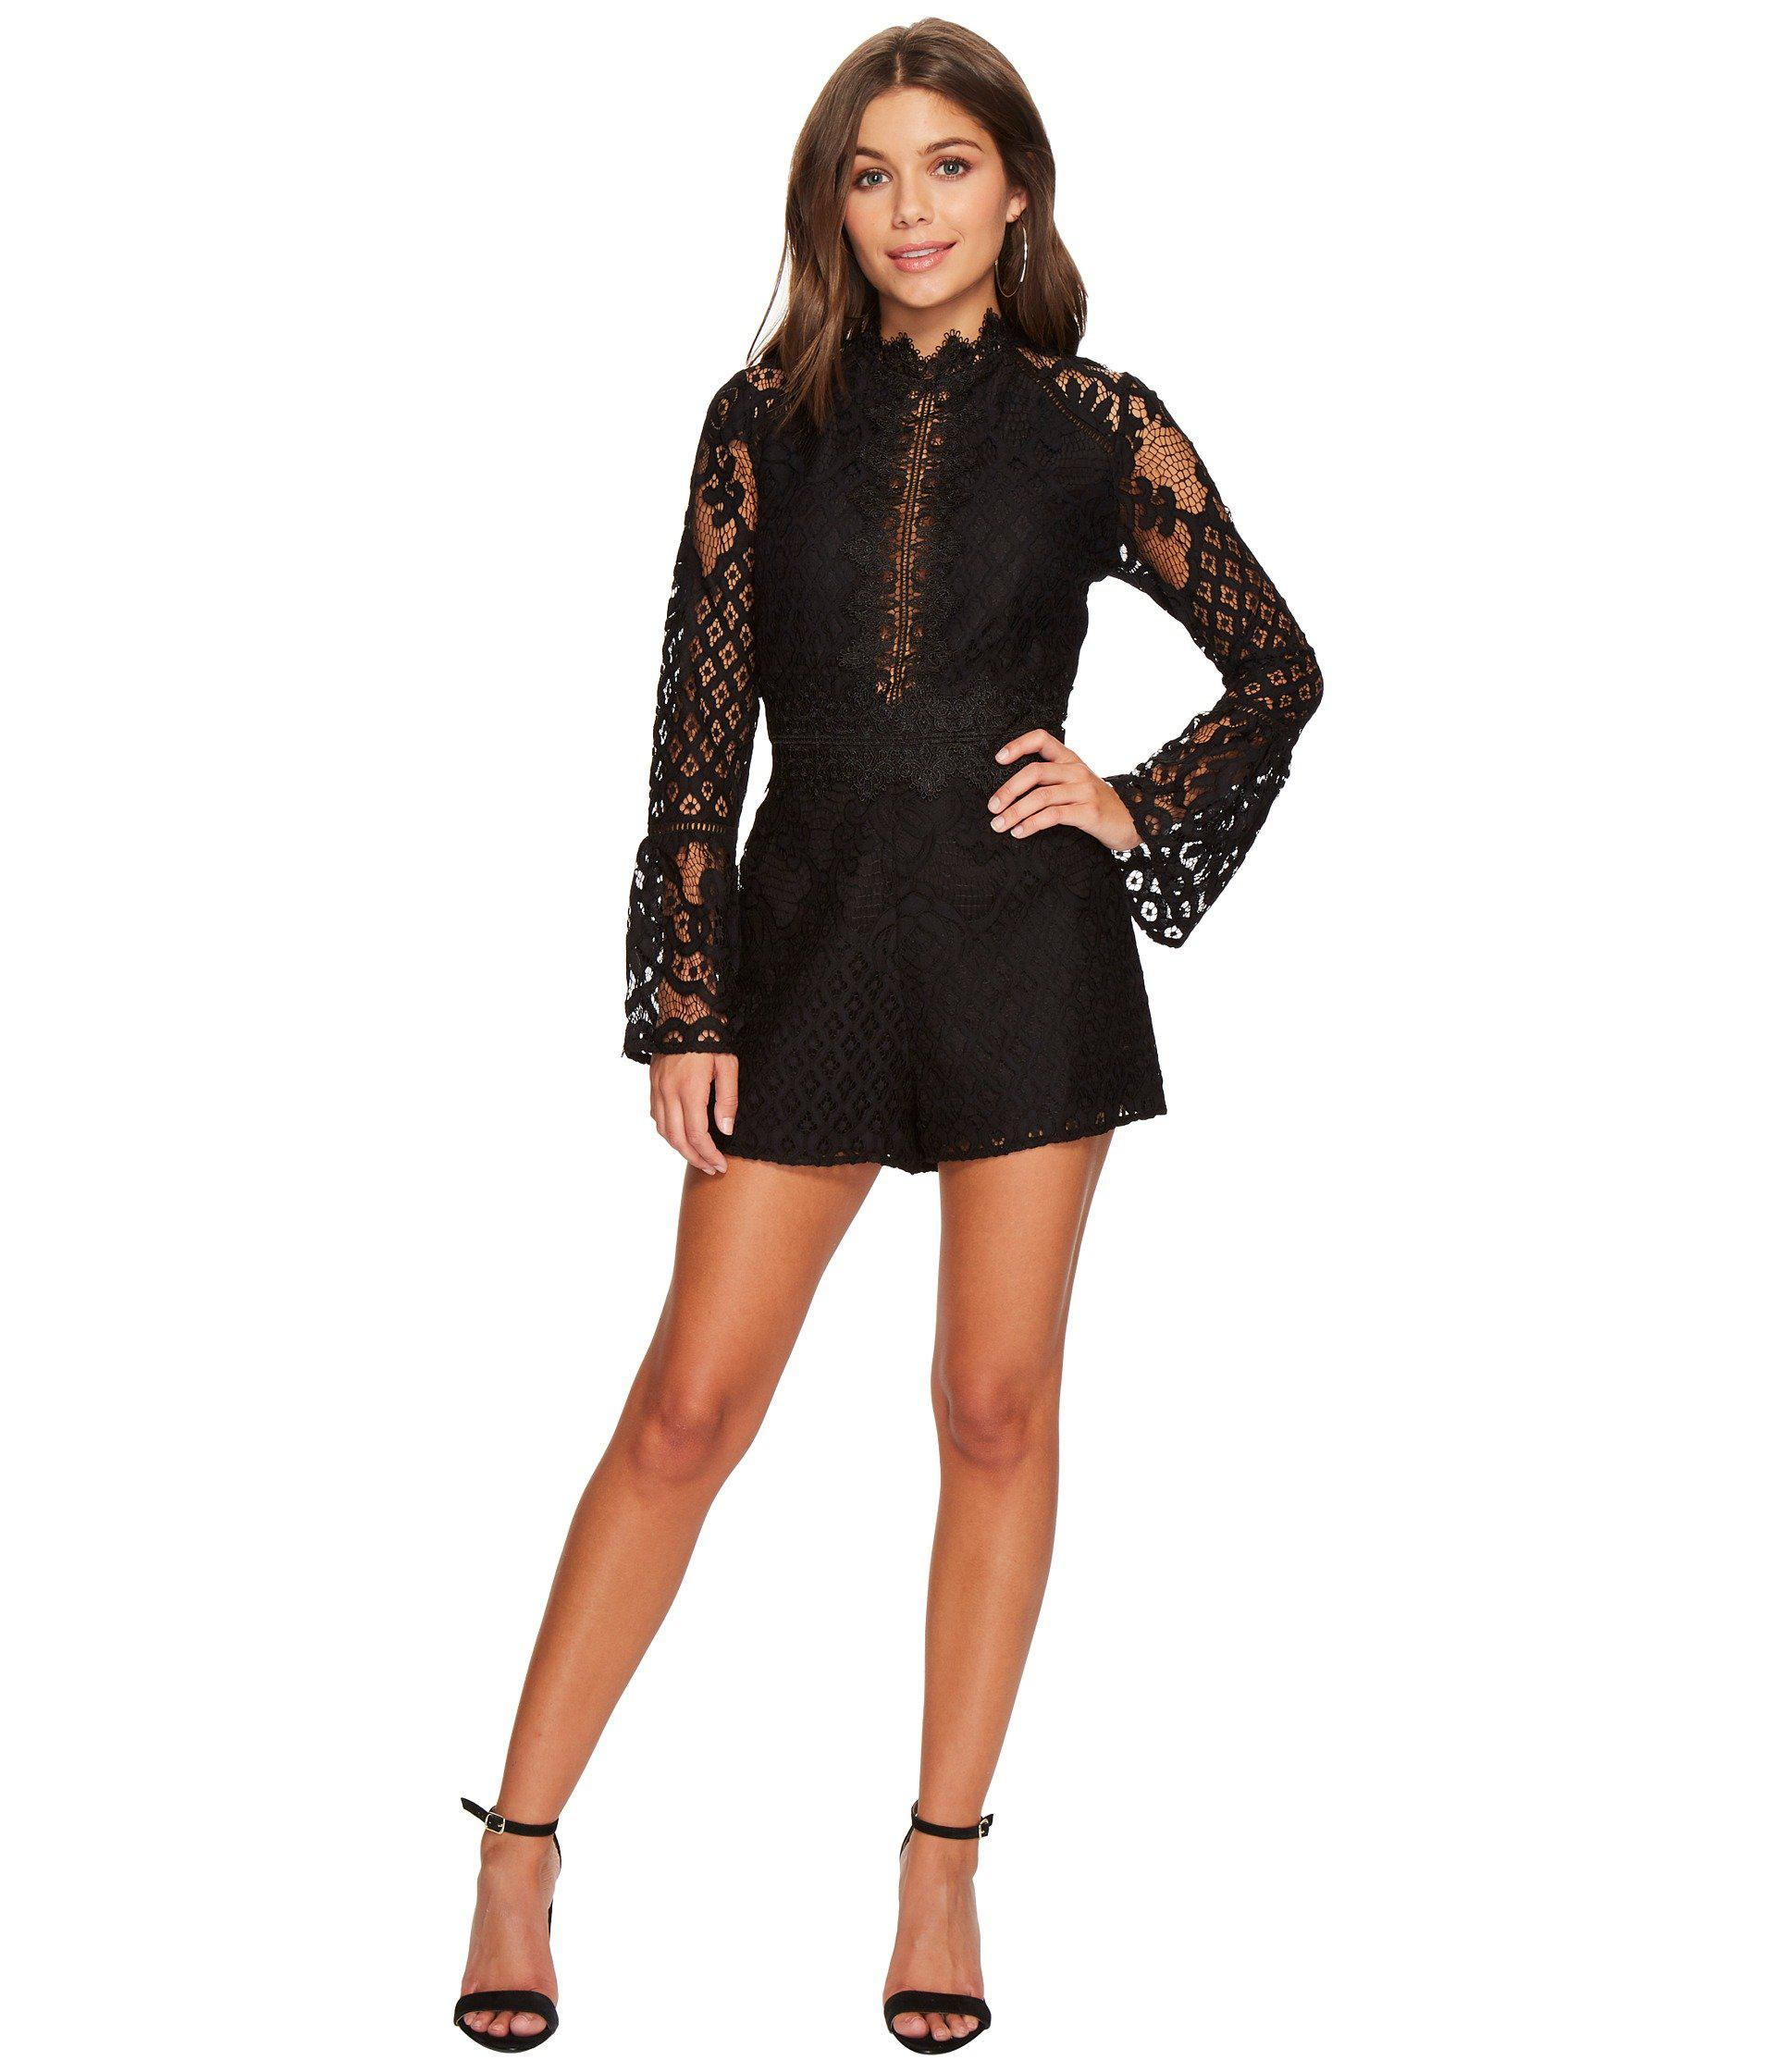 efa51f800ae Lyst - Adelyn Rae Lena Romper in Black